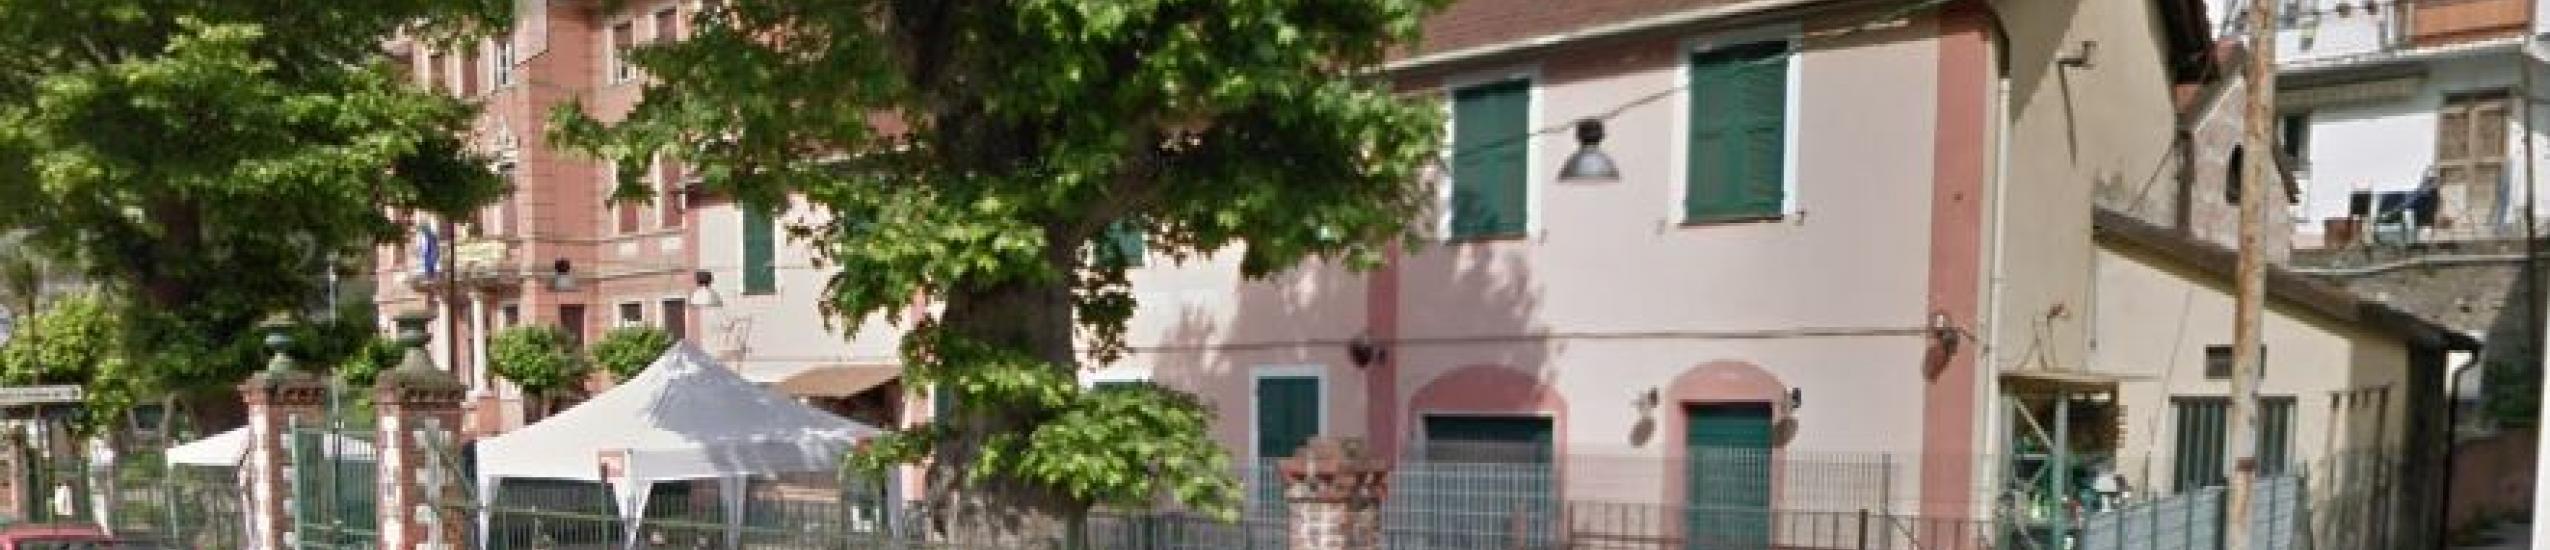 Società San Giuseppe (0)